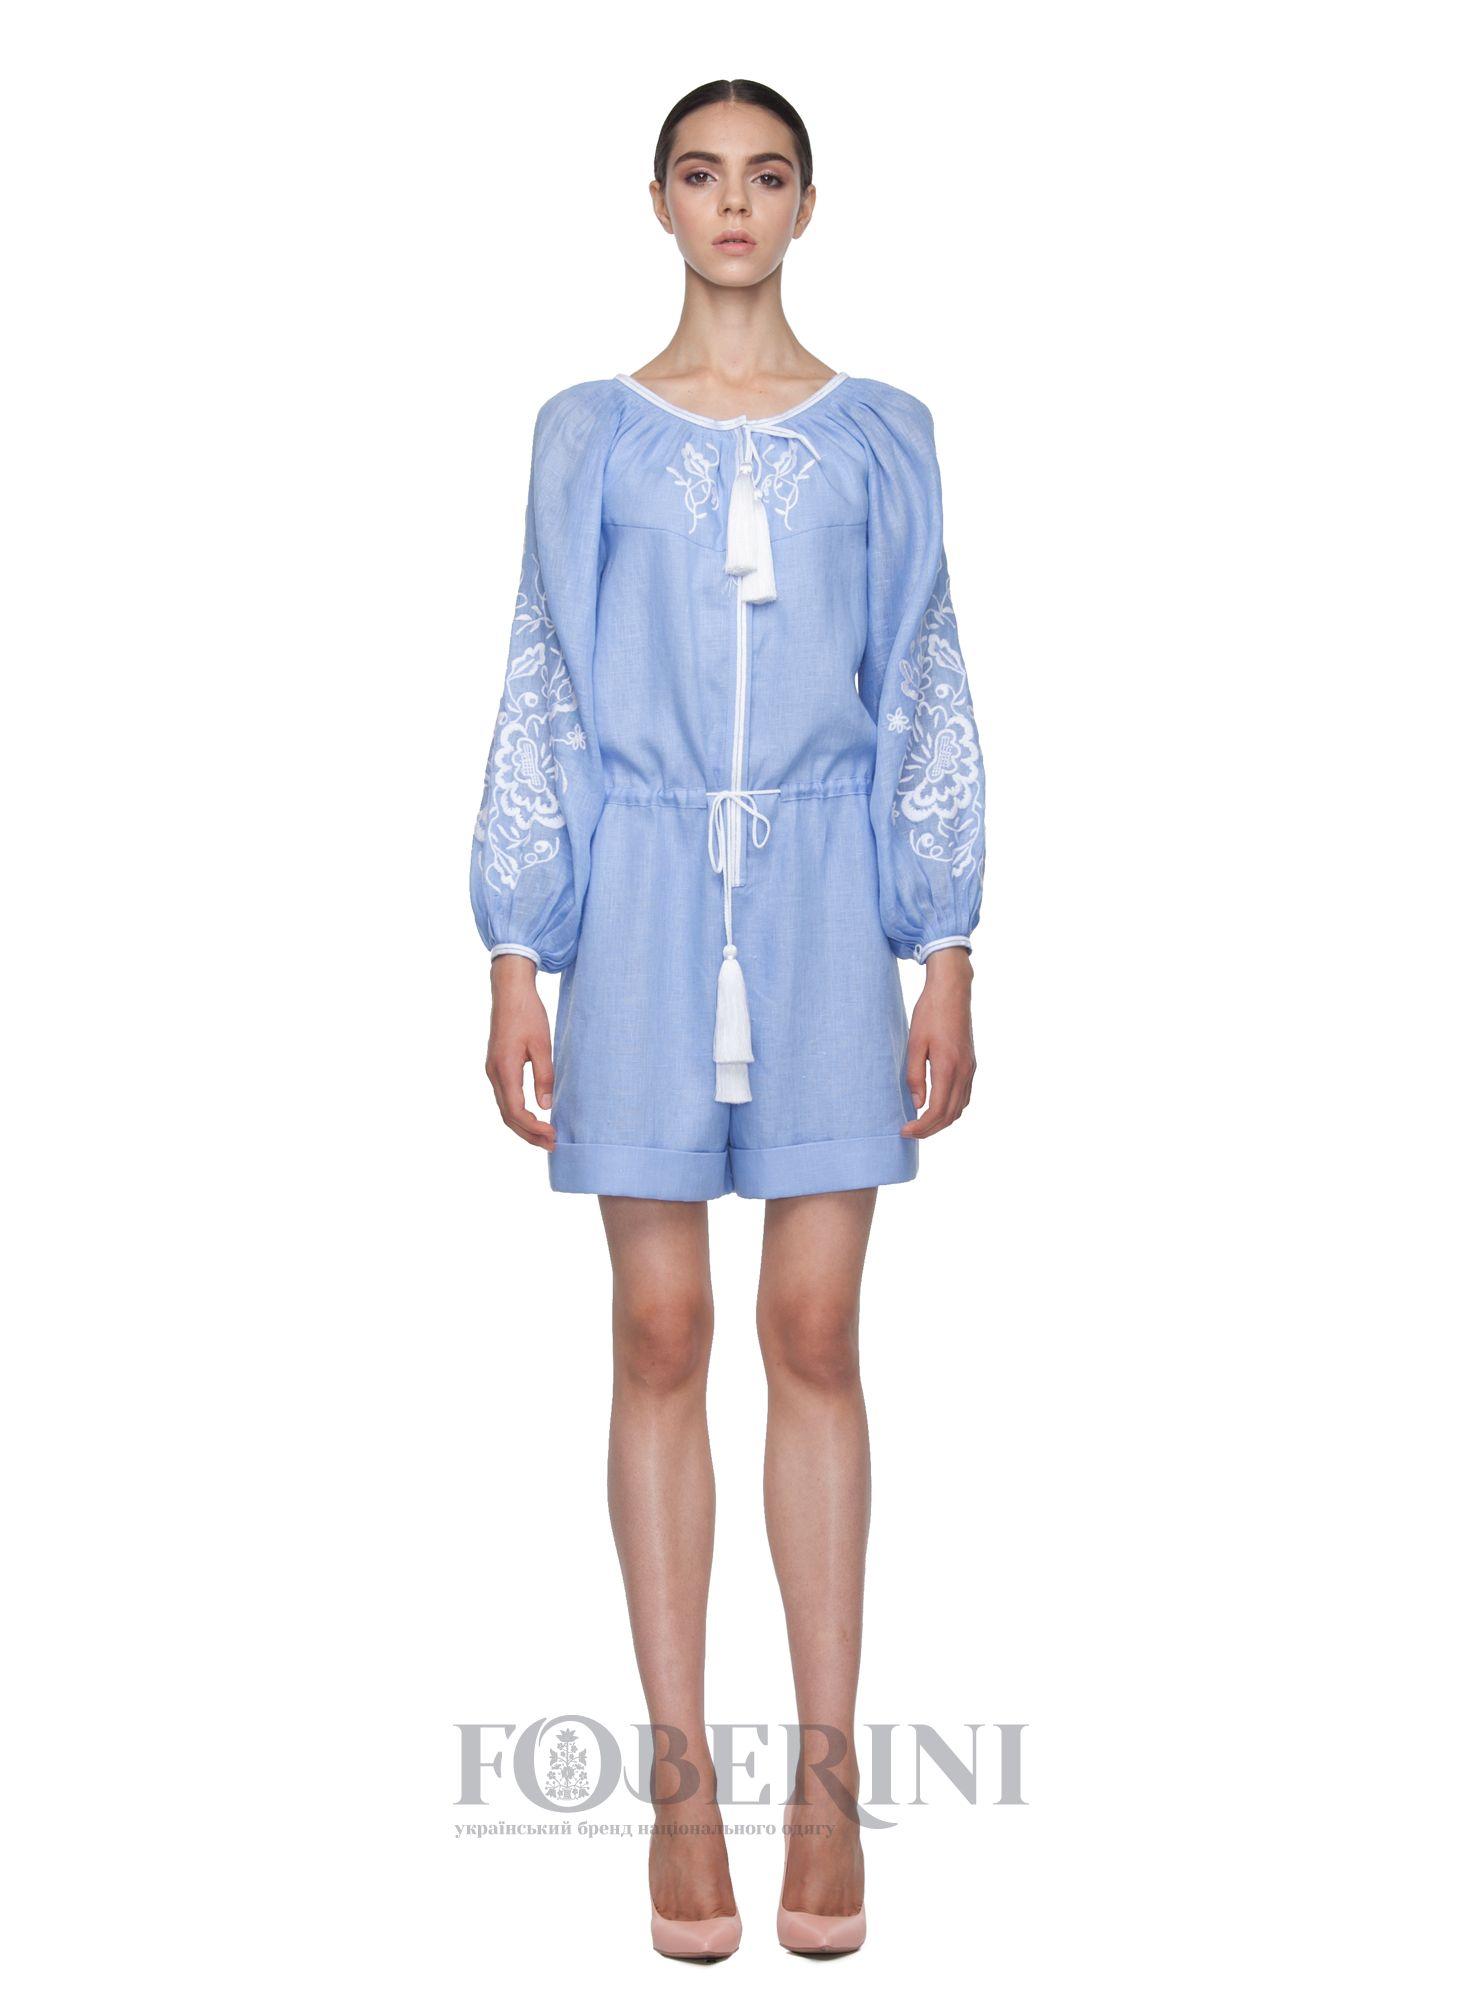 Жіночий вишитий комбінезон «Лагуна» ніжно-блакитного кольору. Виконаний з високоякісного  льону. db39a02d2a2b6